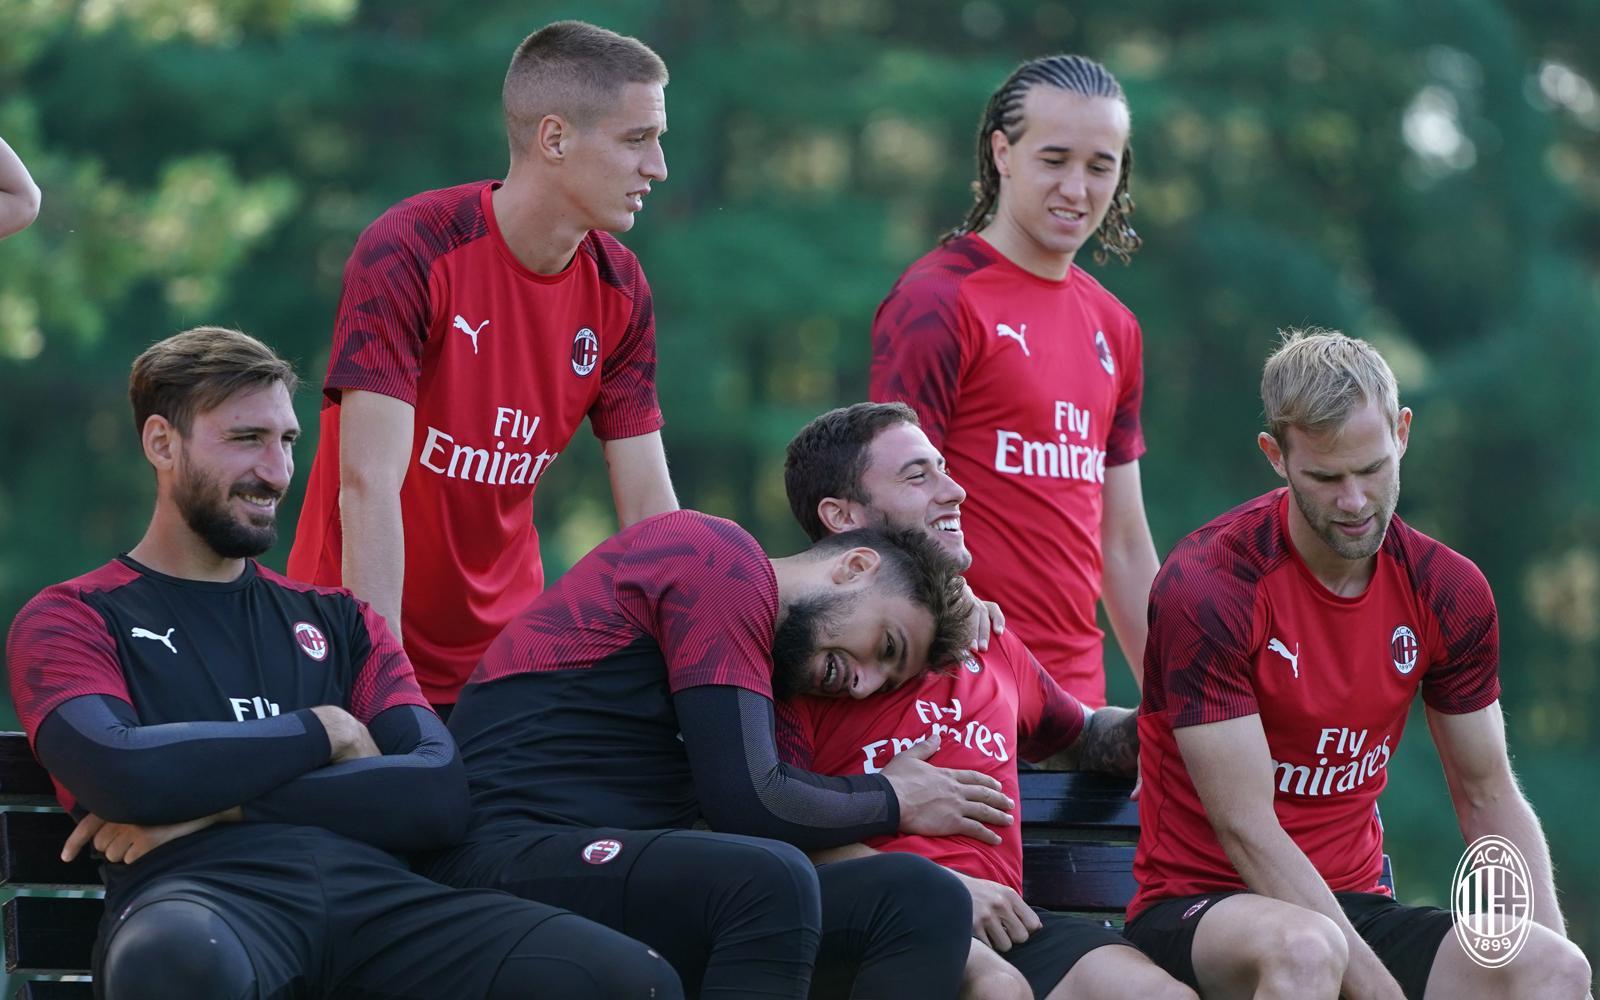 Daftar Nama Pemain AC Milan Musim 2019 2020 Ligalaga